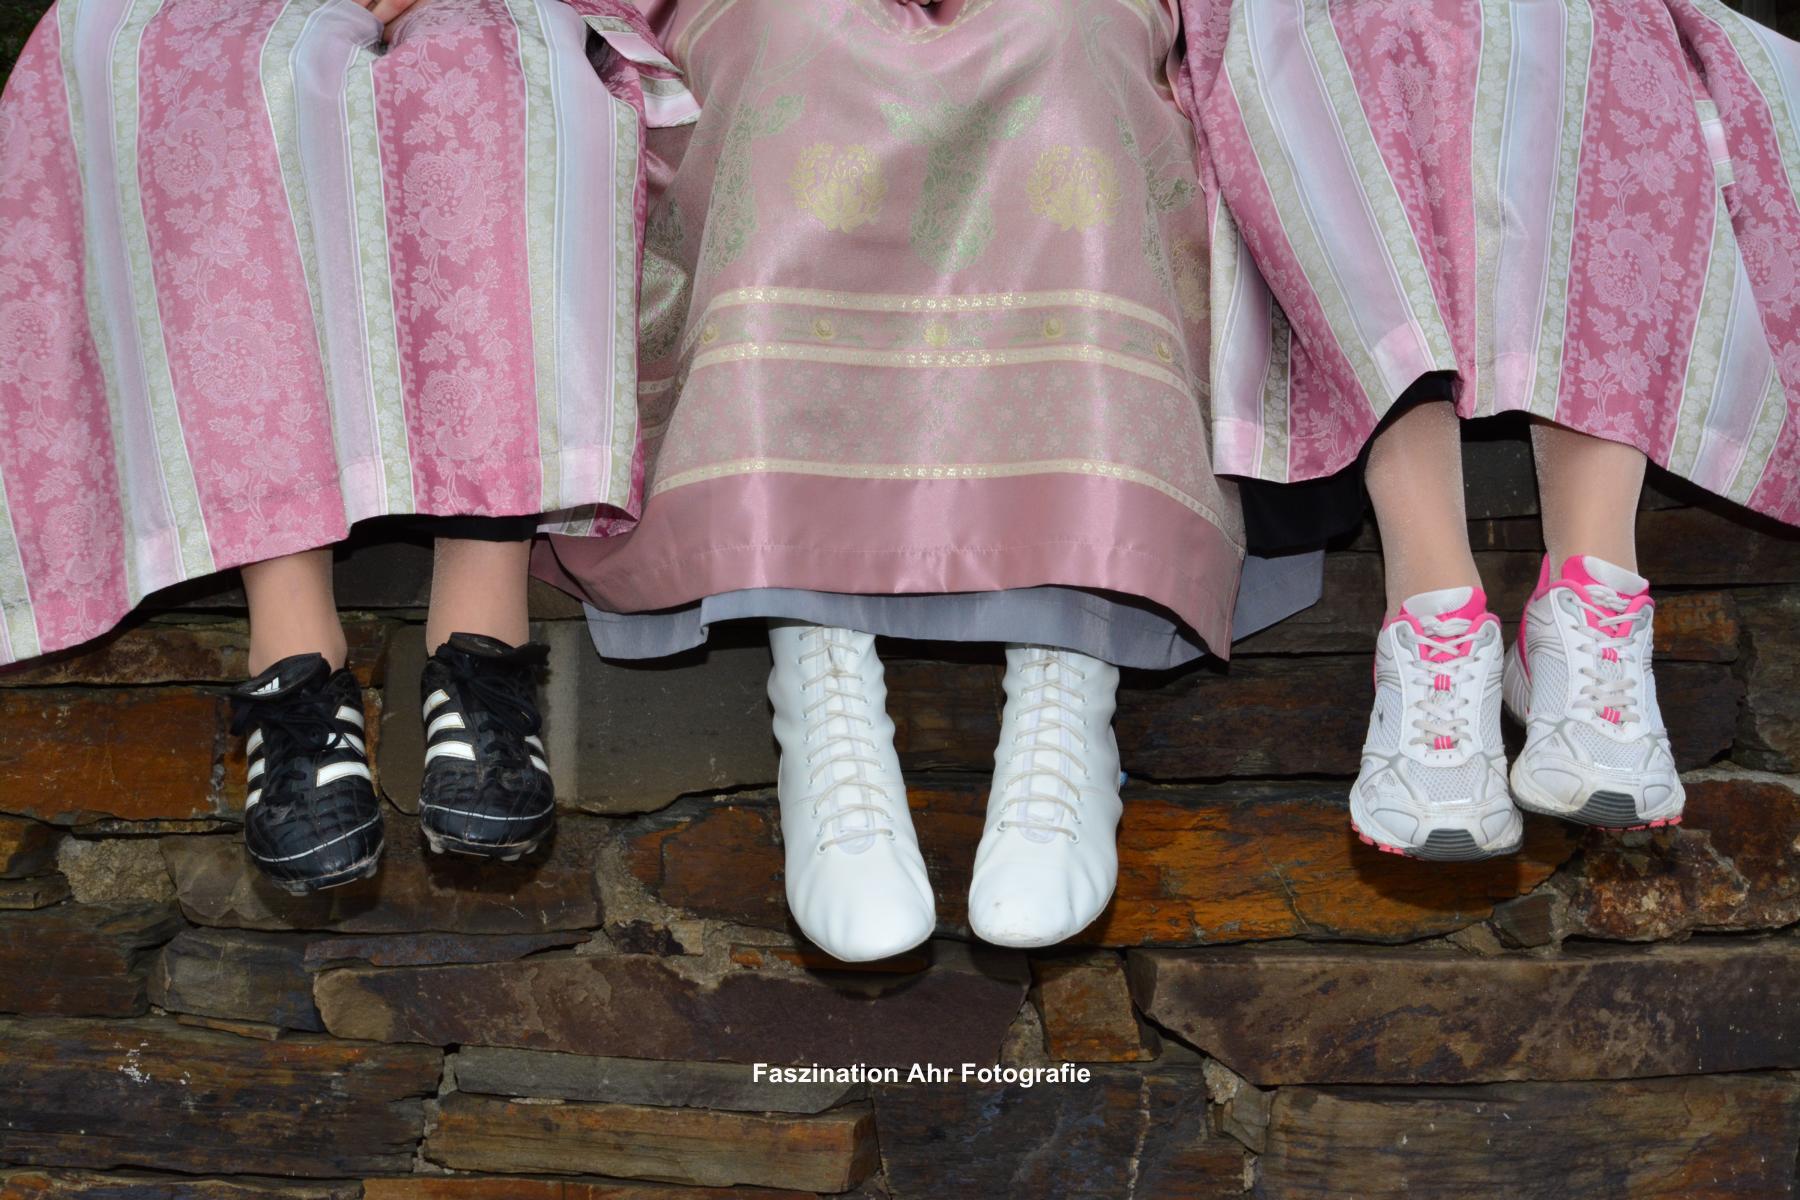 Dieses Bild zeigt die Hobbys der Damen. Wem gehört wohl welches Paar Schuhe?....